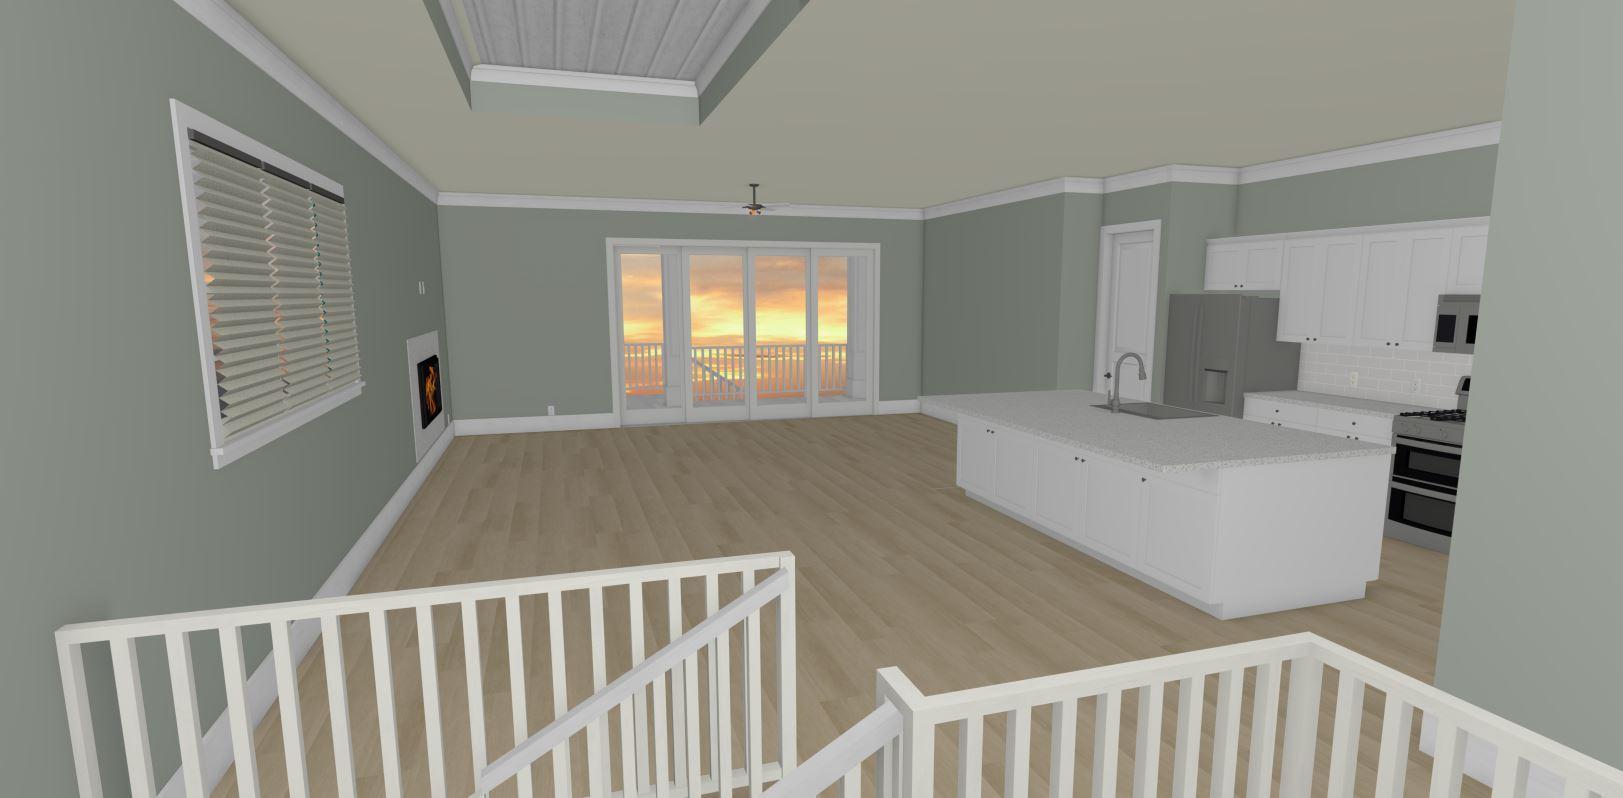 2nd Floor Overview:2nd Floor Overview